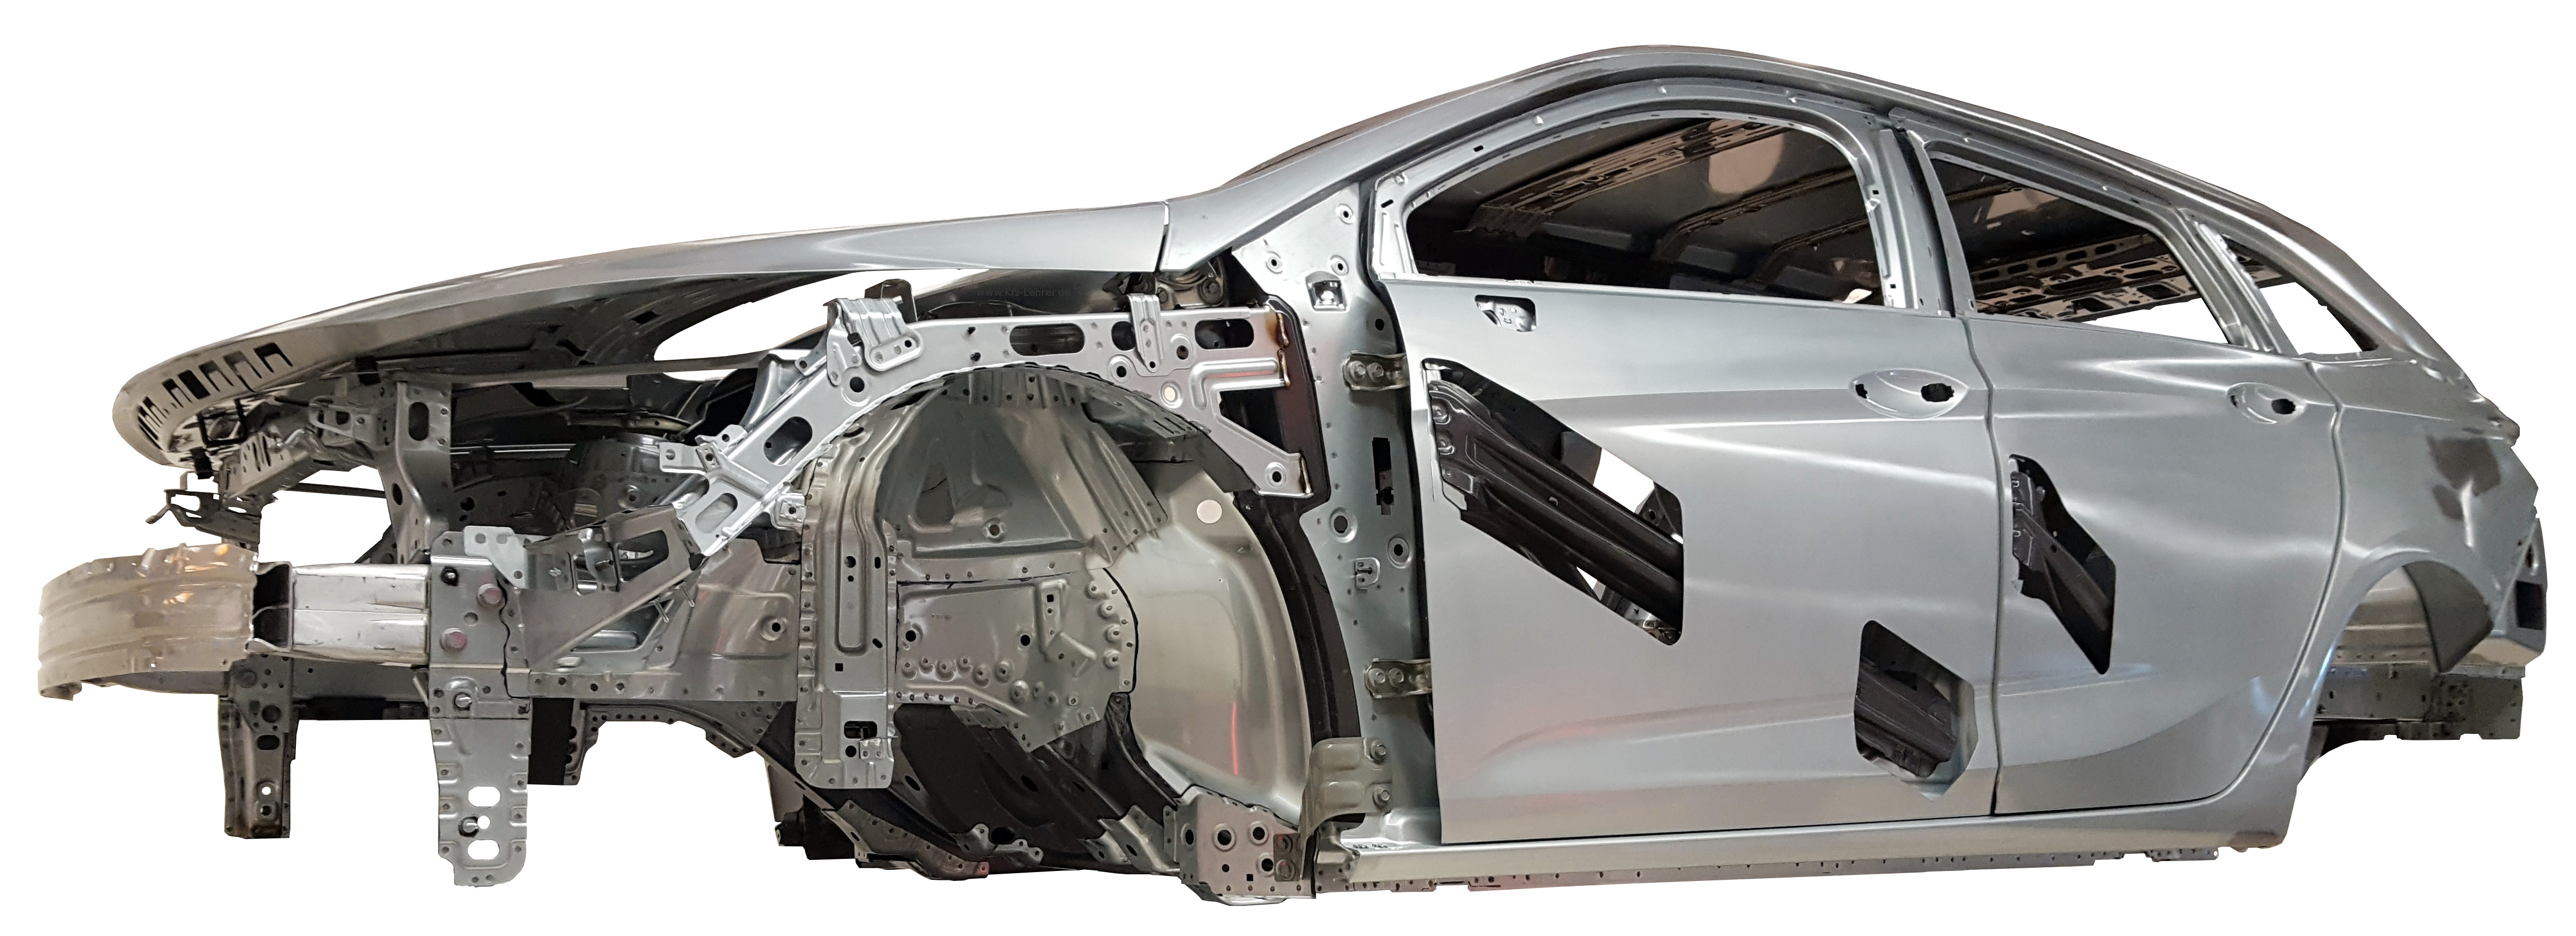 Rohkarosserie des Opel Astra Sports Tourer 2016